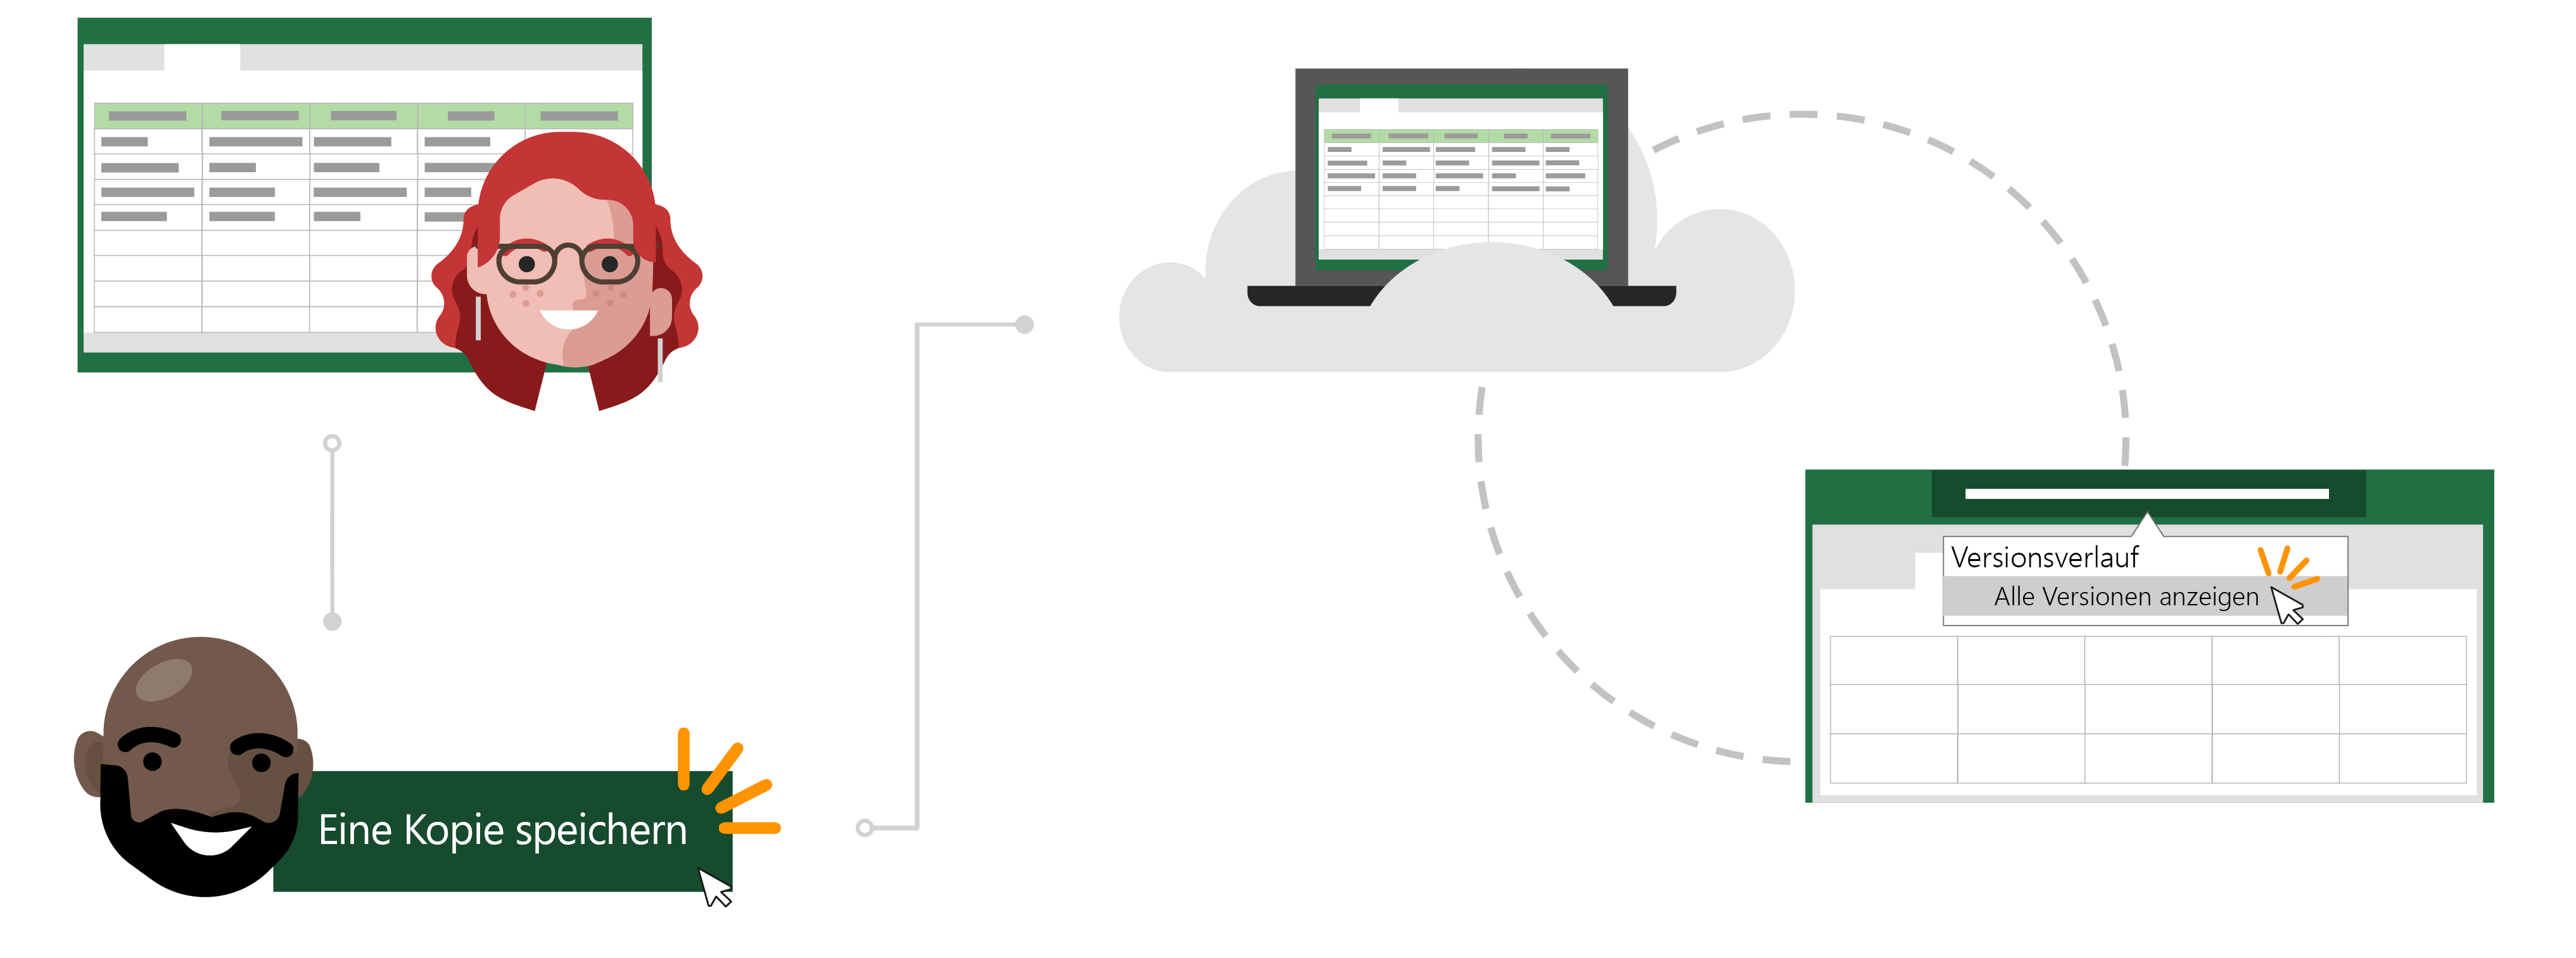 Verwenden Sie eine vorhandene Datei in der Cloud als Vorlage für eine neue Datei, indem Sie eine Kopie speichern.